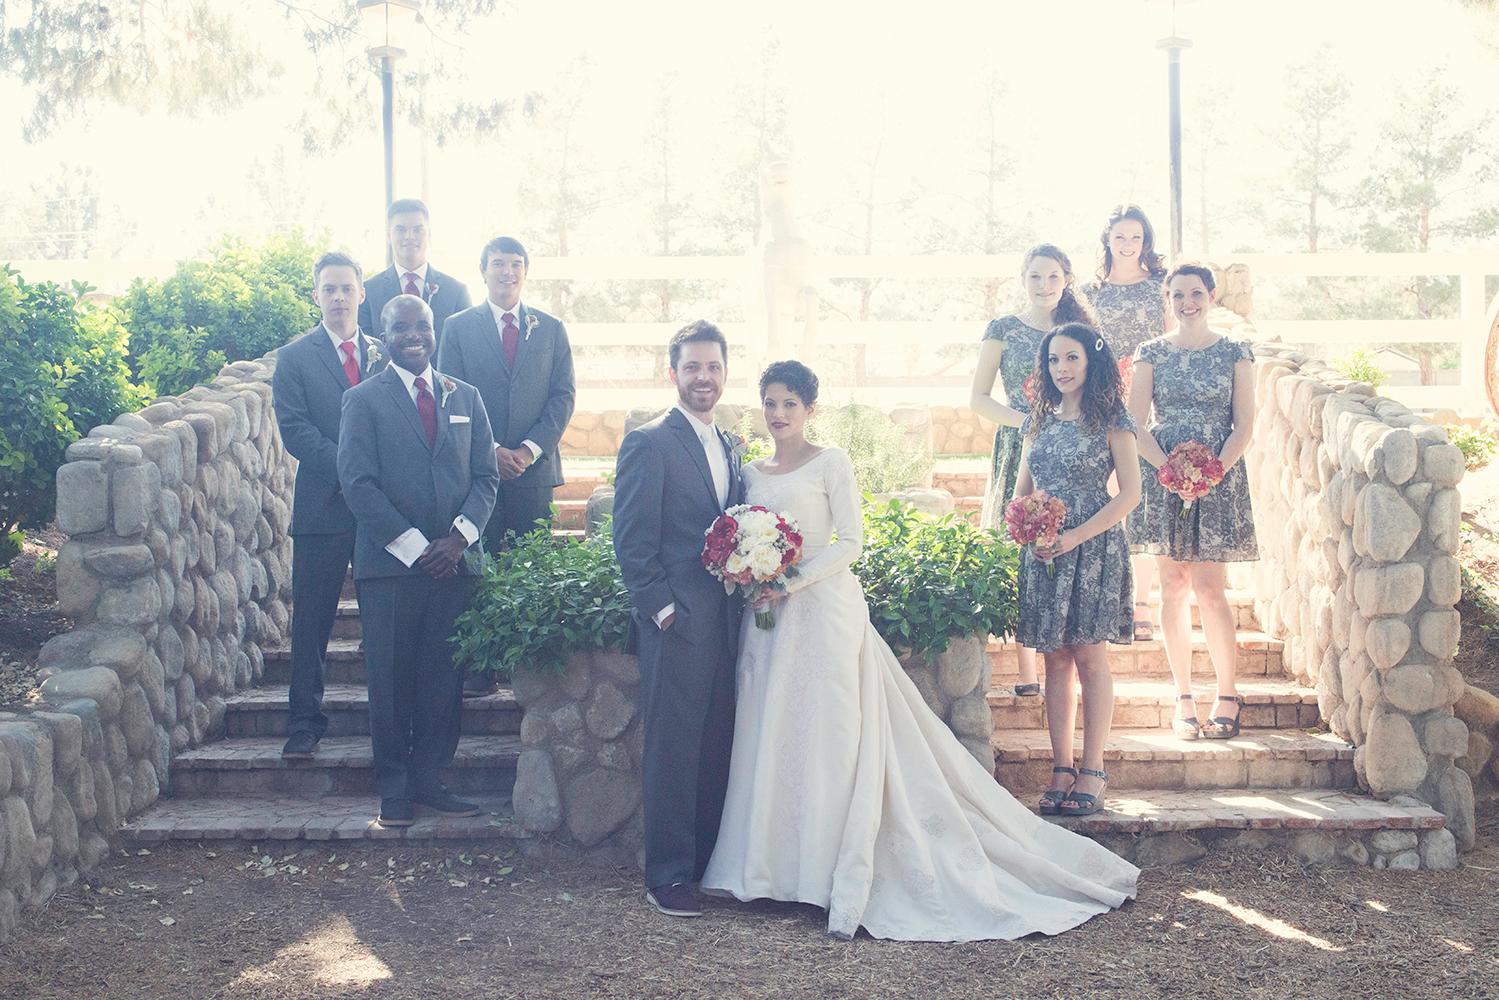 OBrien+Wedding+259_WEB.jpg